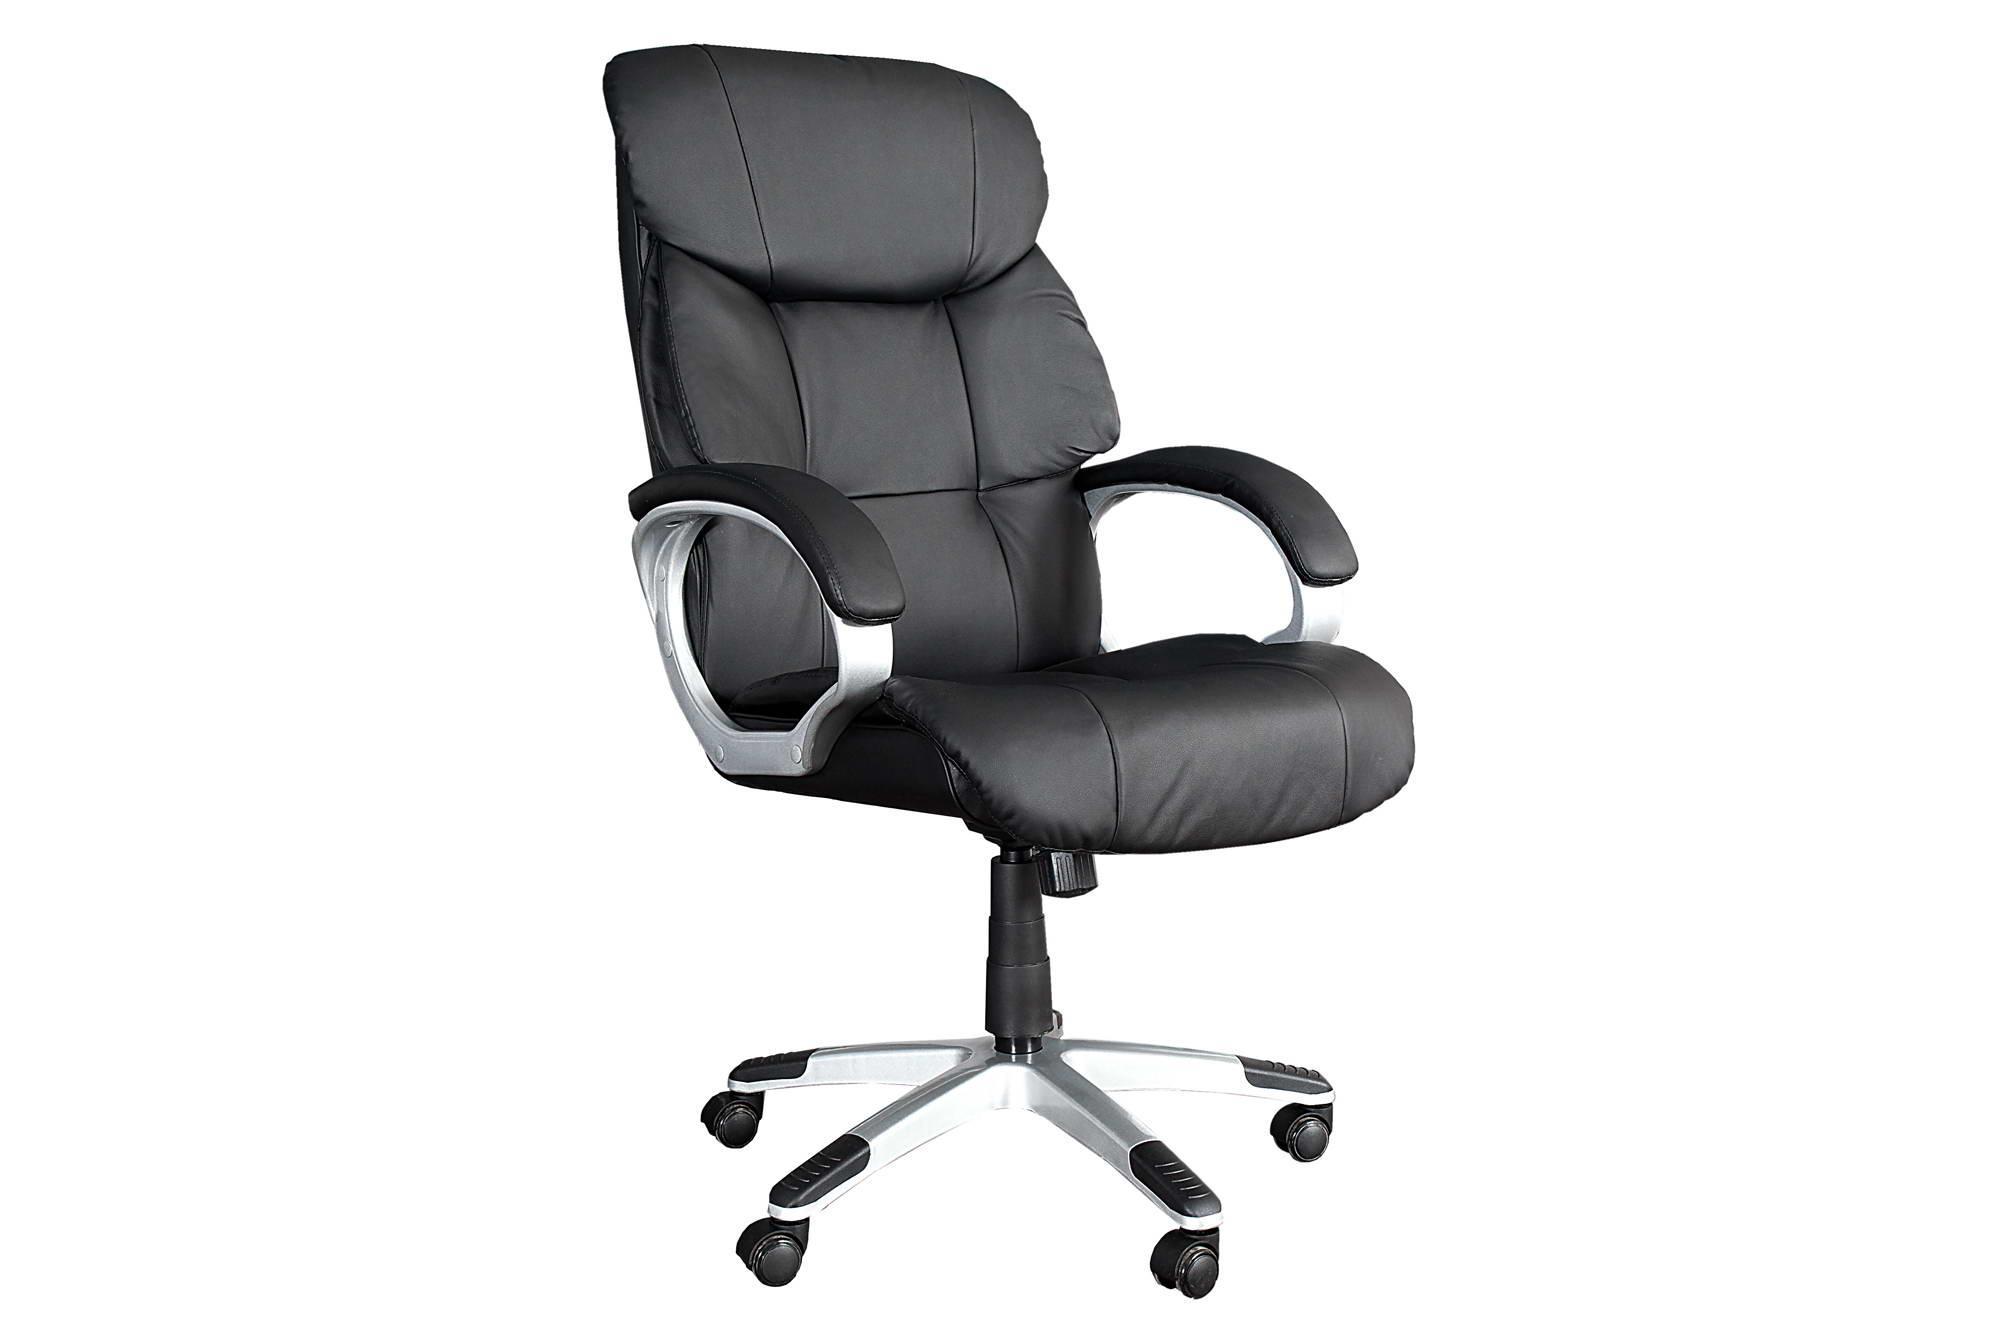 Kancelárska stolička Powerful do 150kg čierna